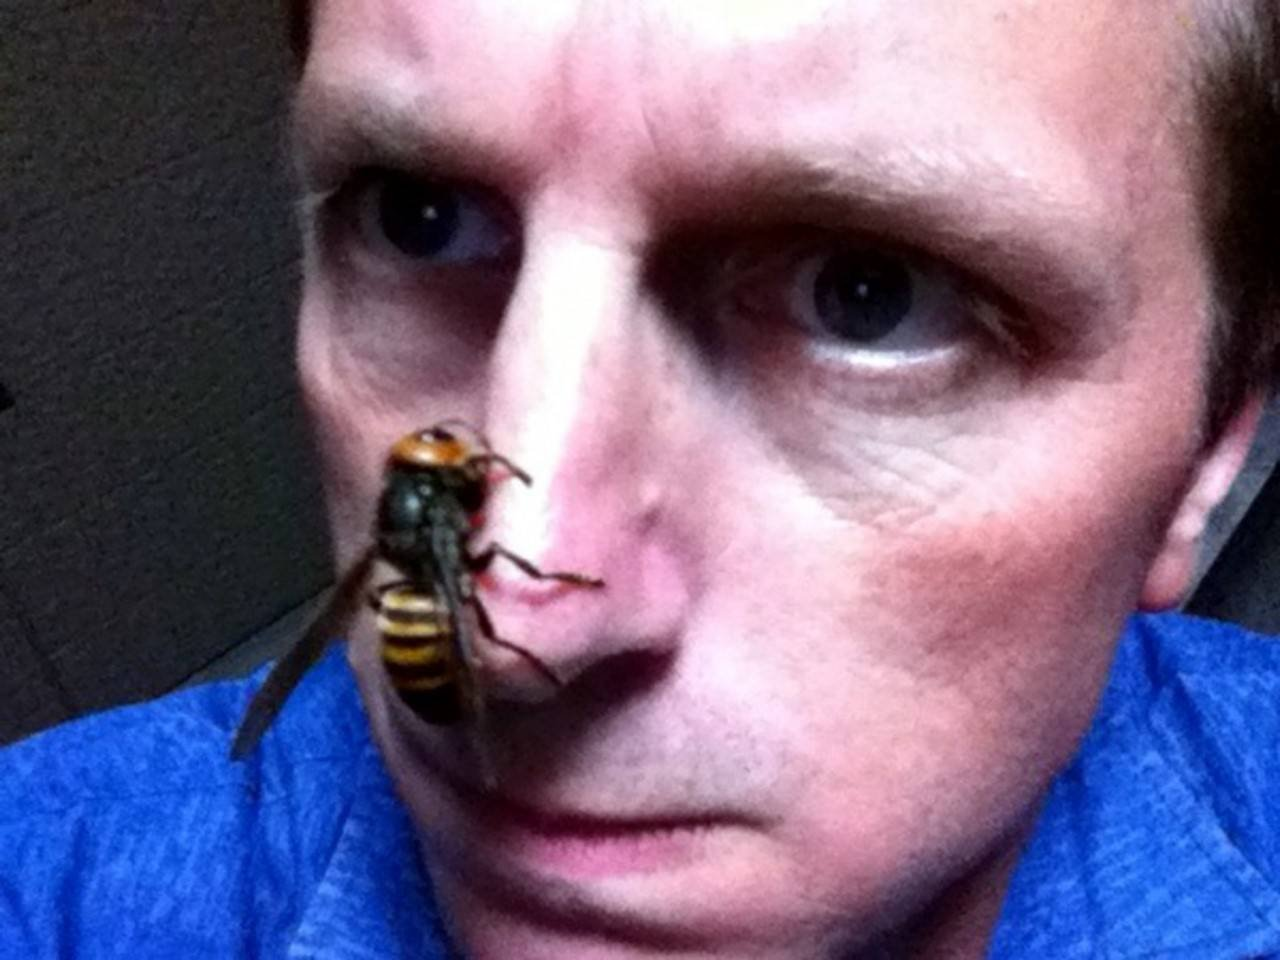 Giant hornet stinger